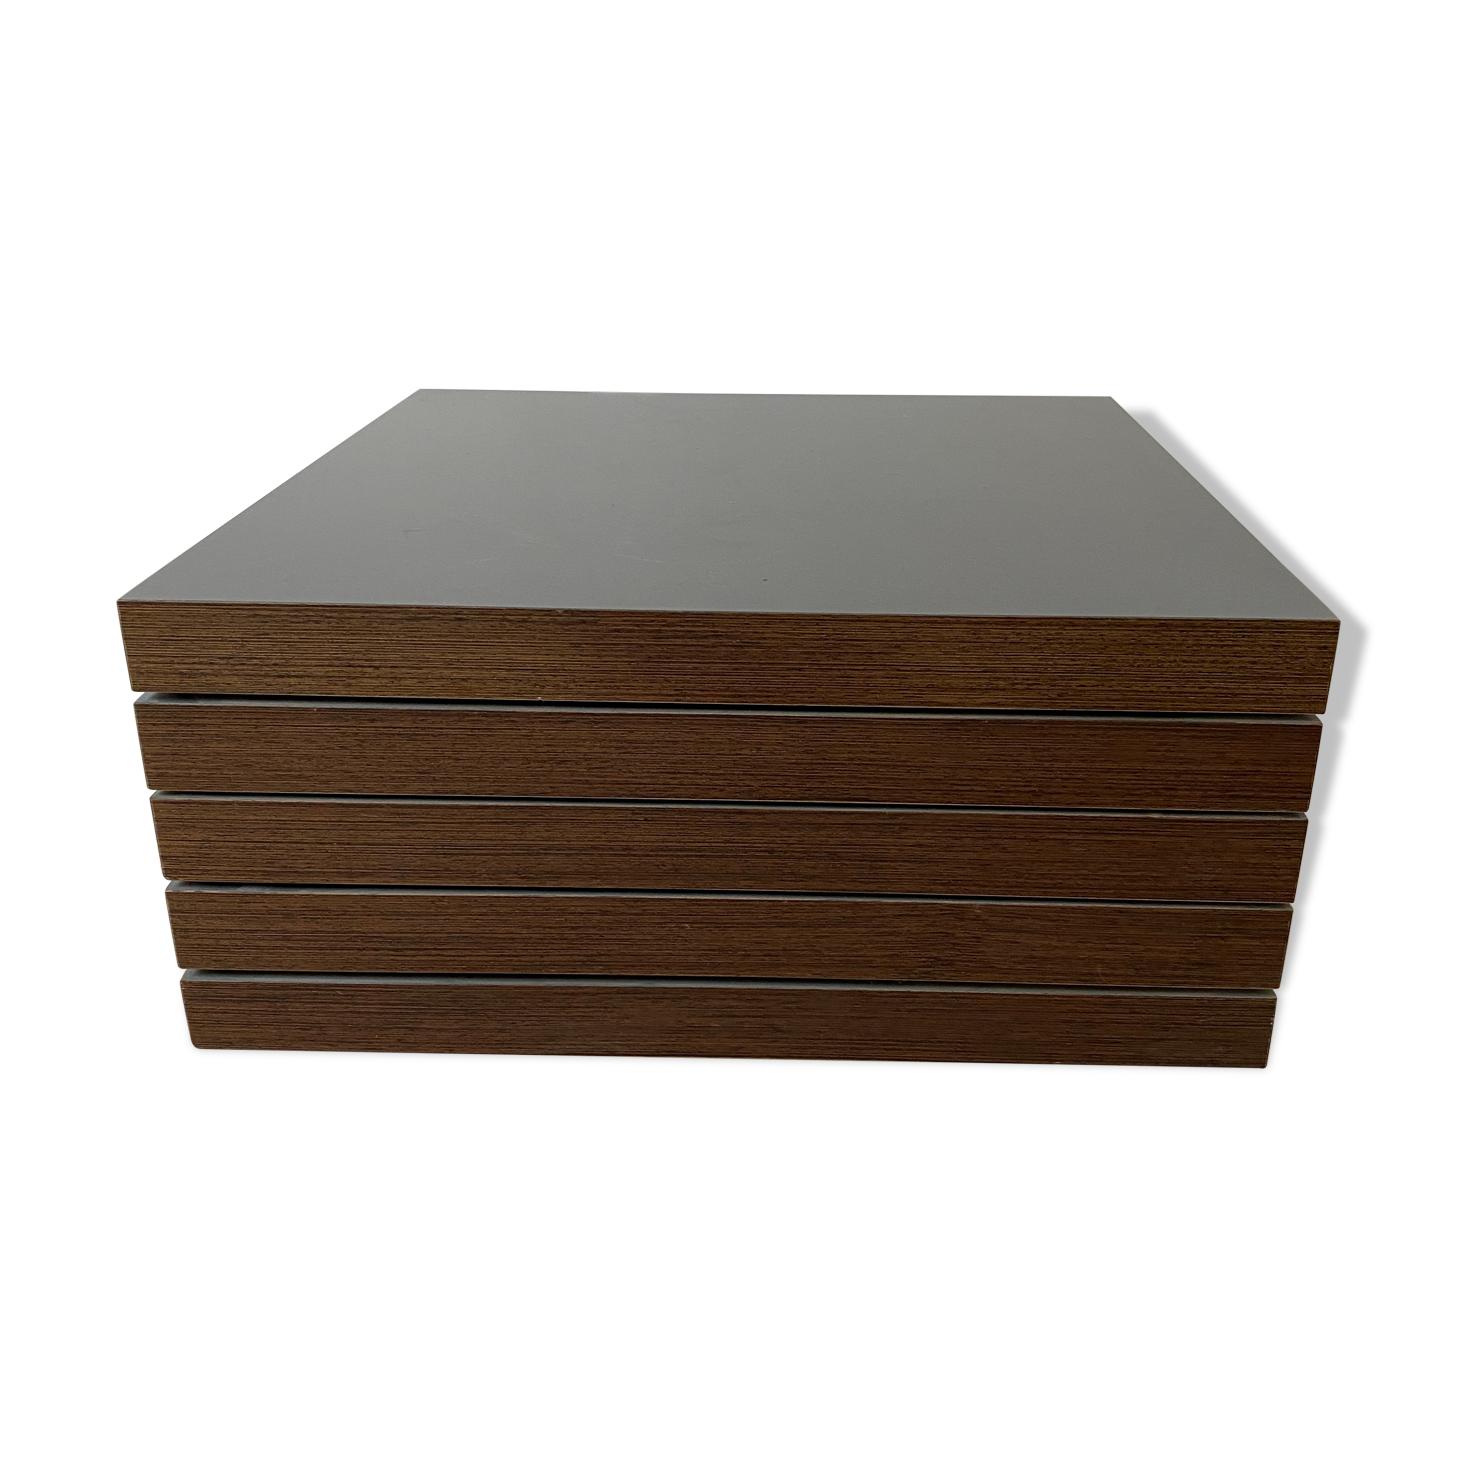 Table basse Rotor Kristalia